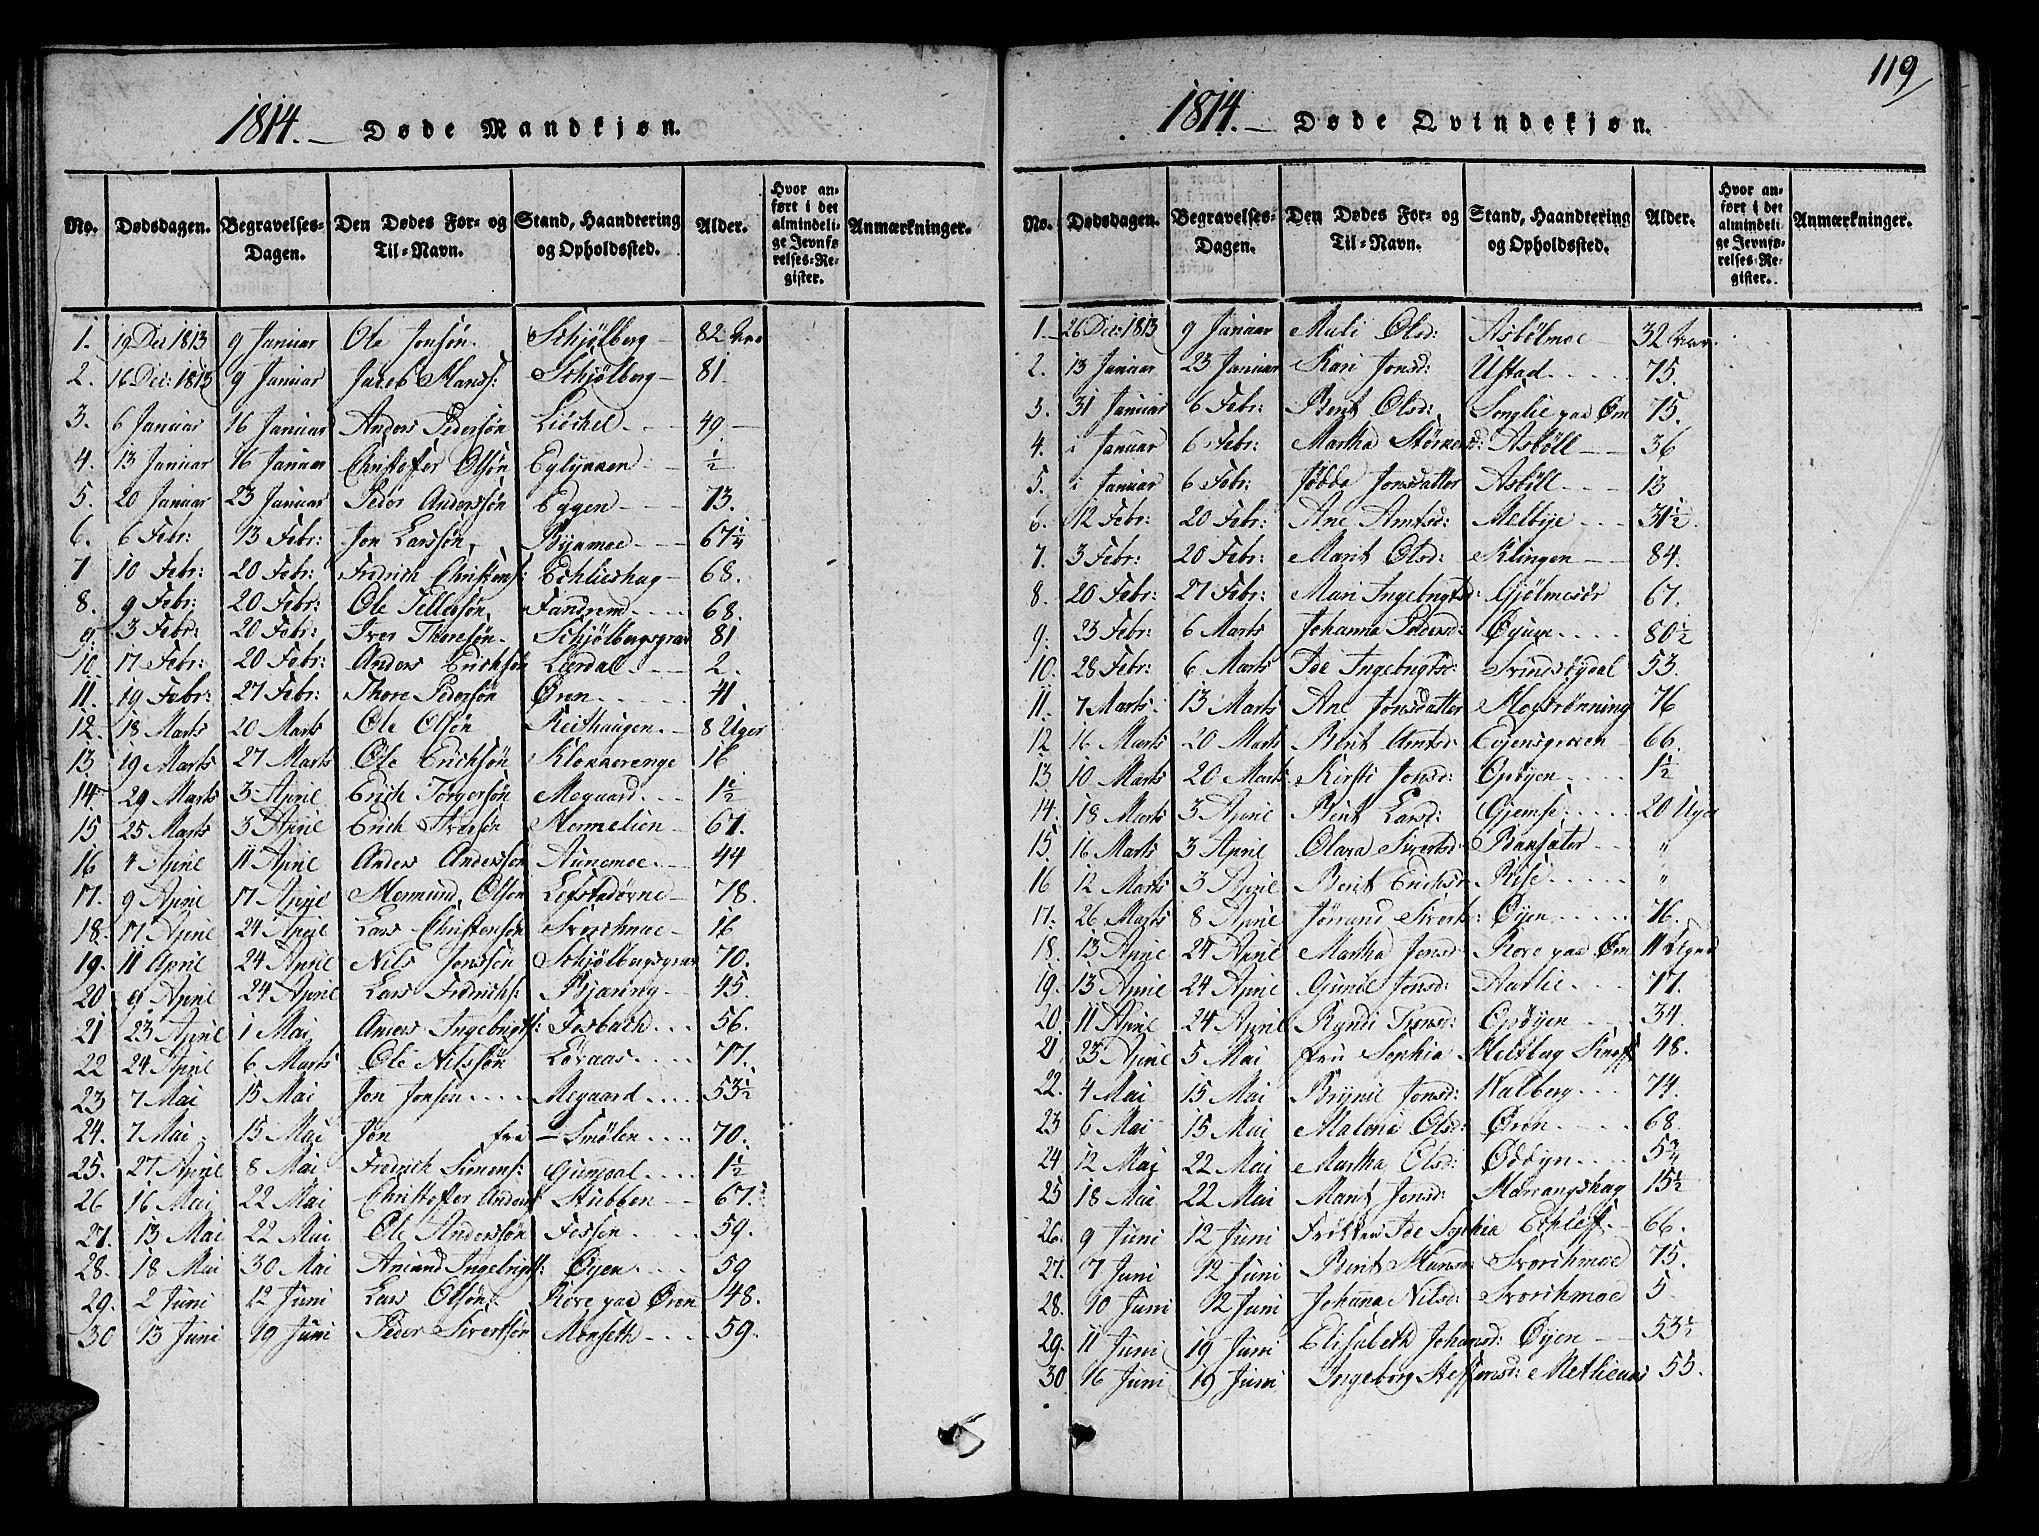 SAT, Ministerialprotokoller, klokkerbøker og fødselsregistre - Sør-Trøndelag, 668/L0803: Ministerialbok nr. 668A03, 1800-1826, s. 119